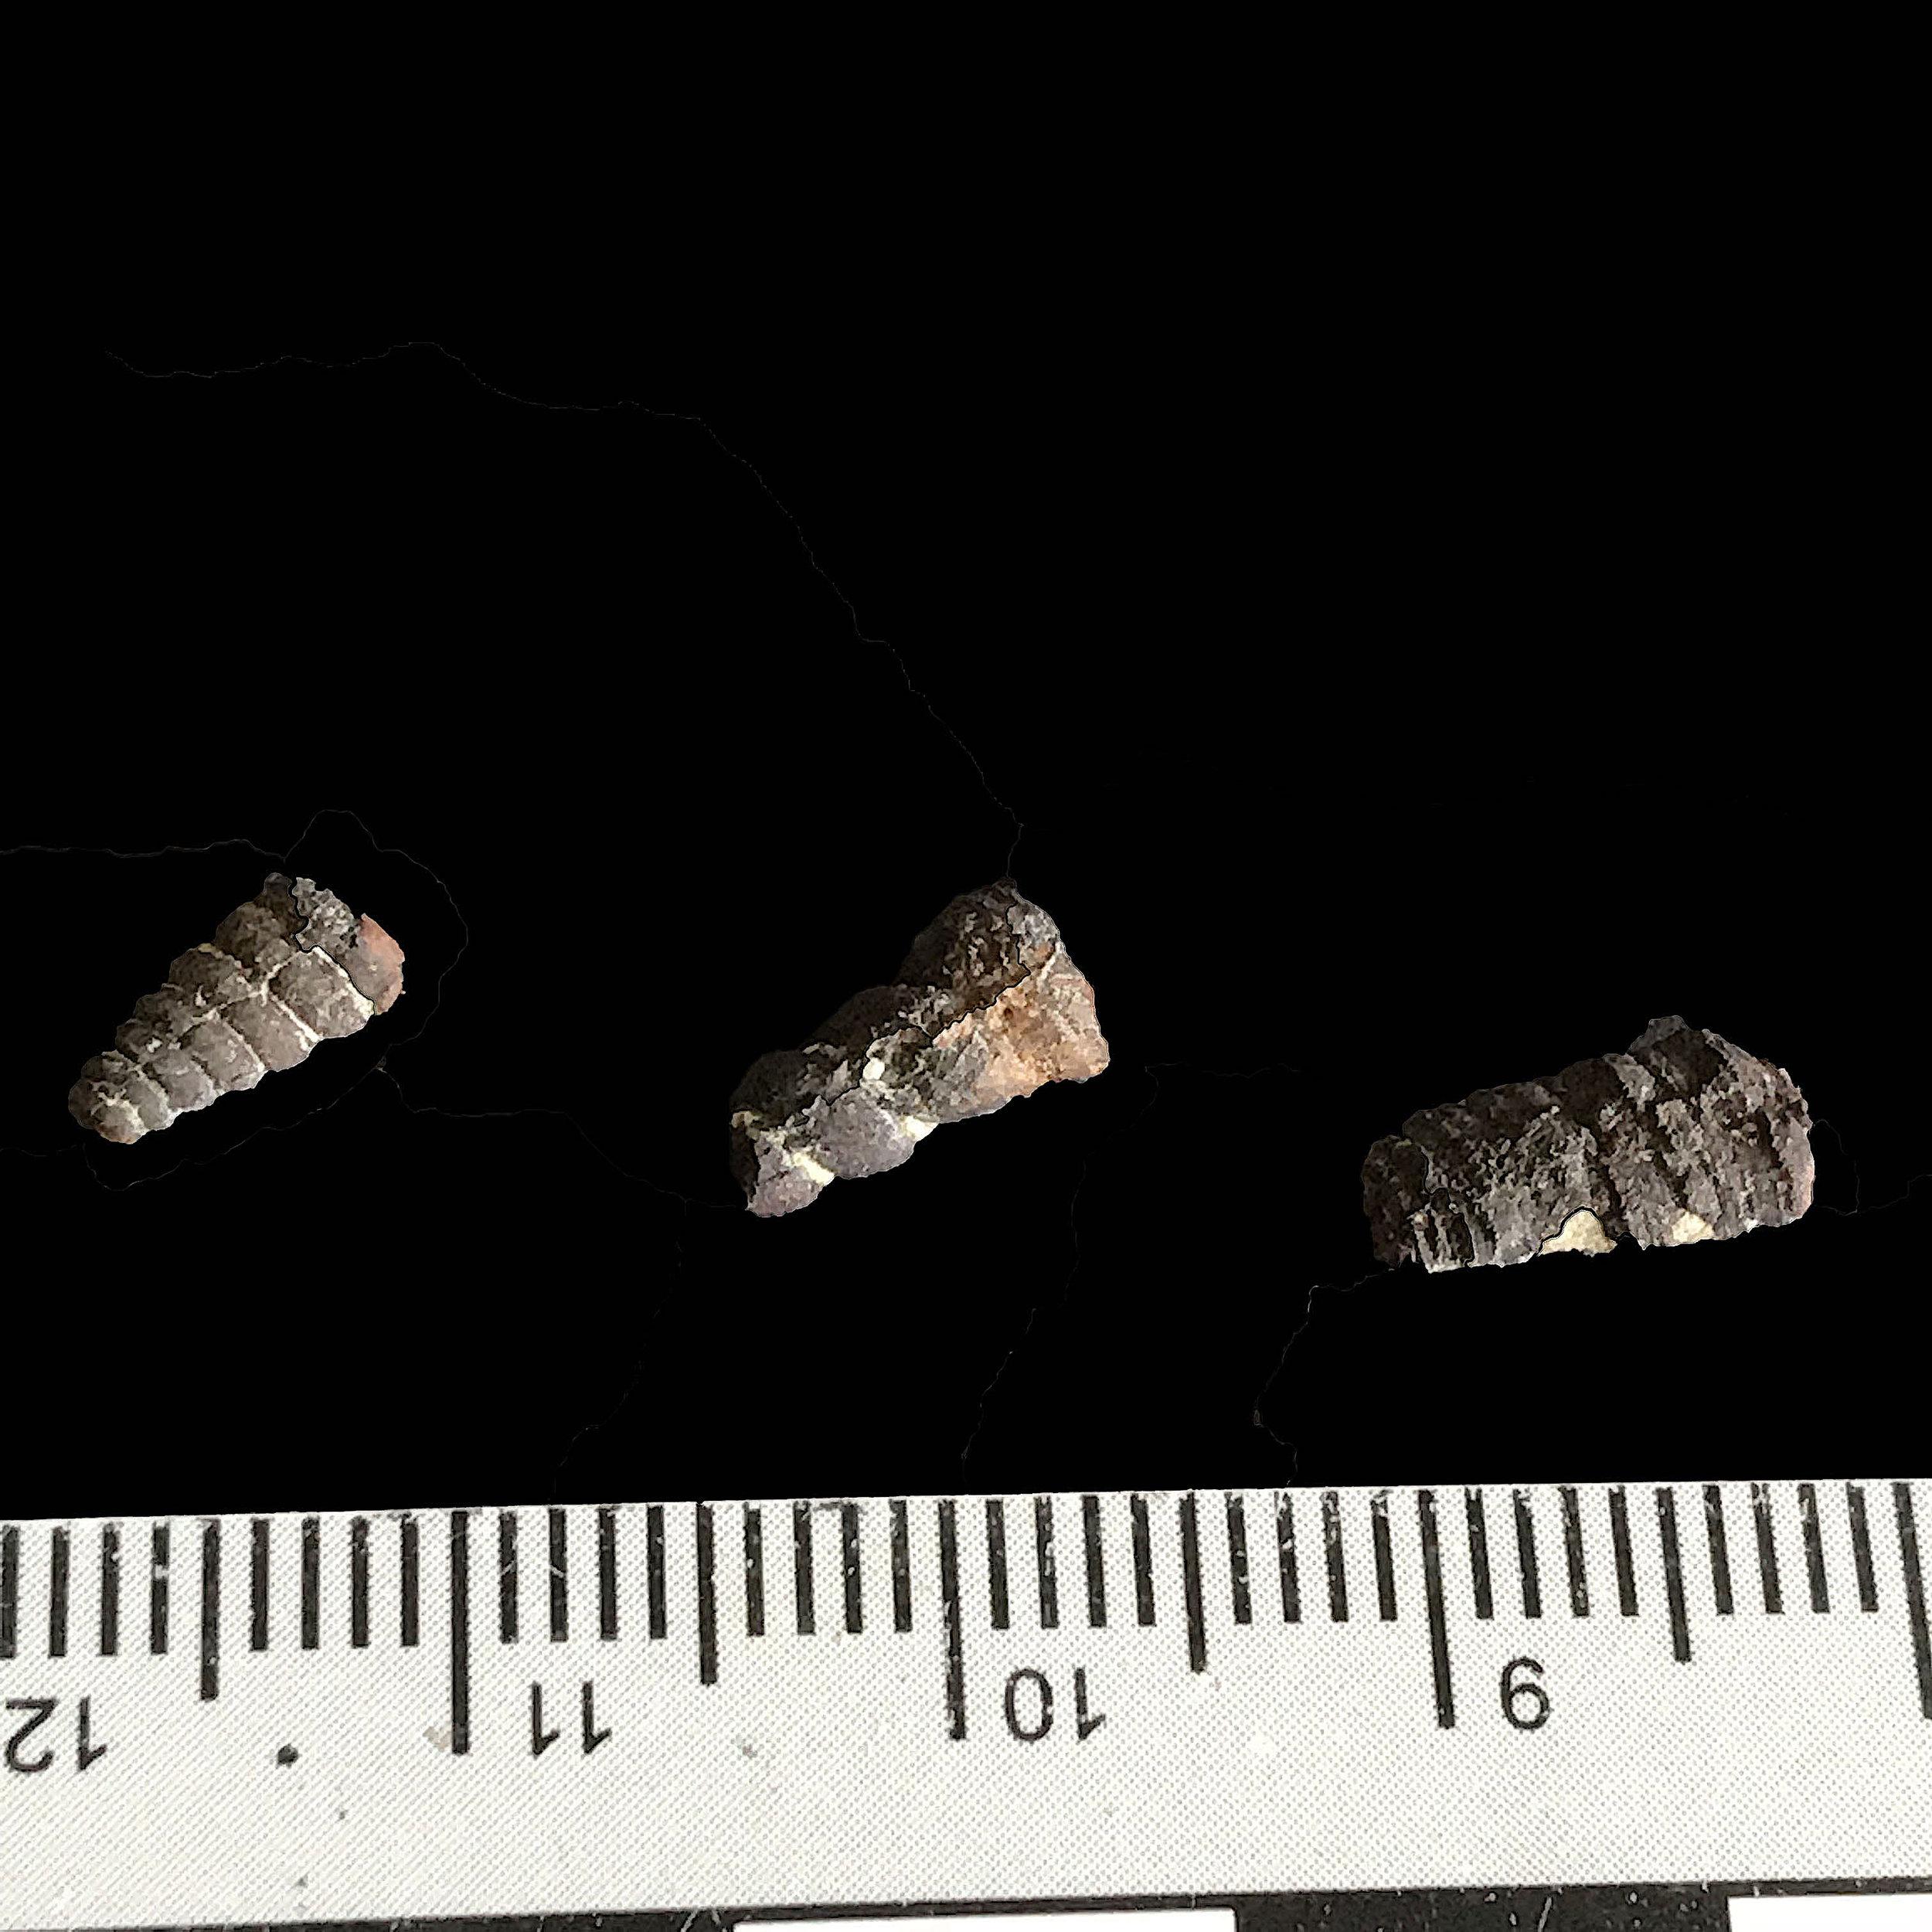 Pyritized Turritella sp. #  Del Rio Formation  Waco, TX